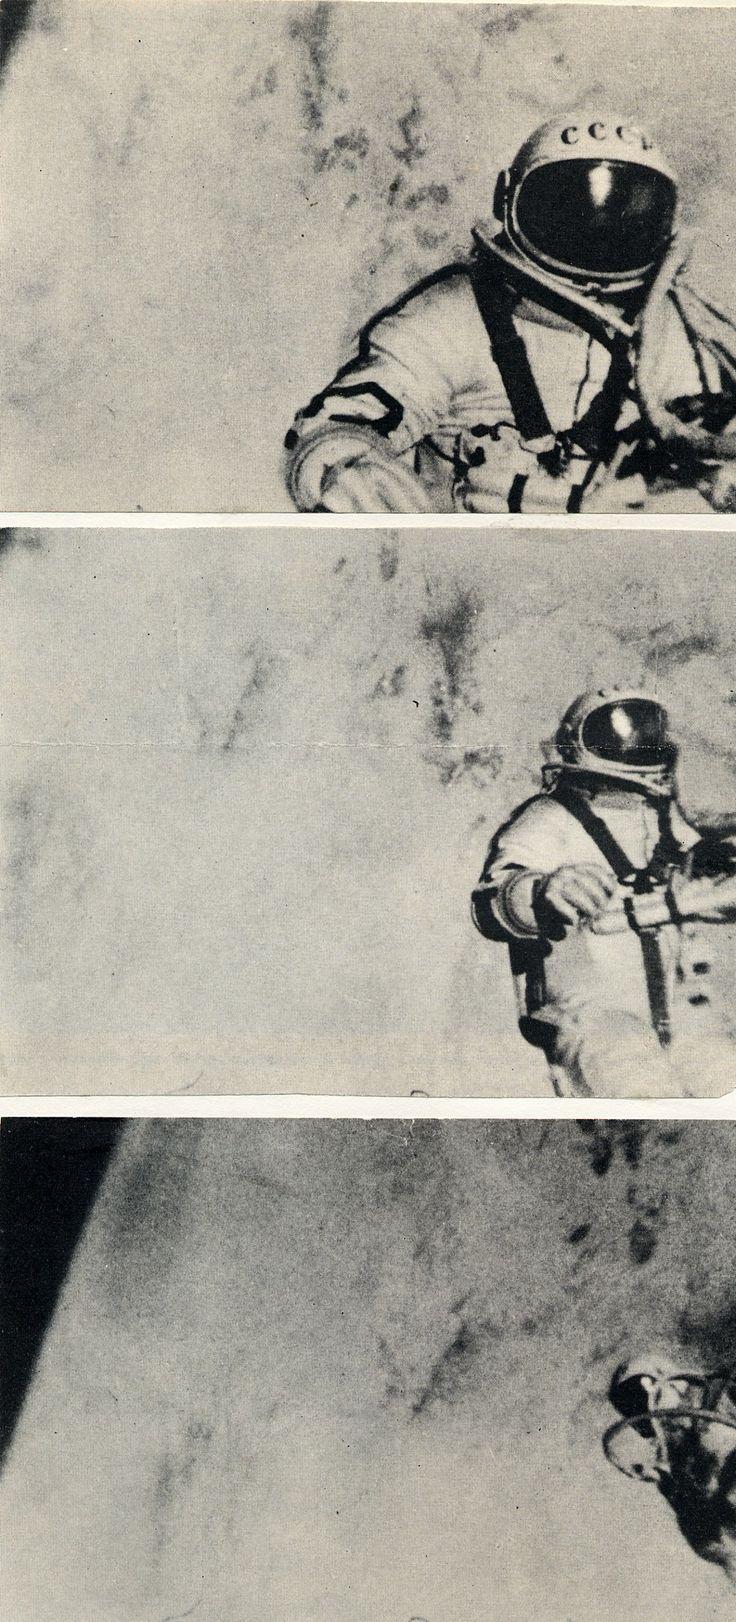 Alexei Leonov, spacewalk